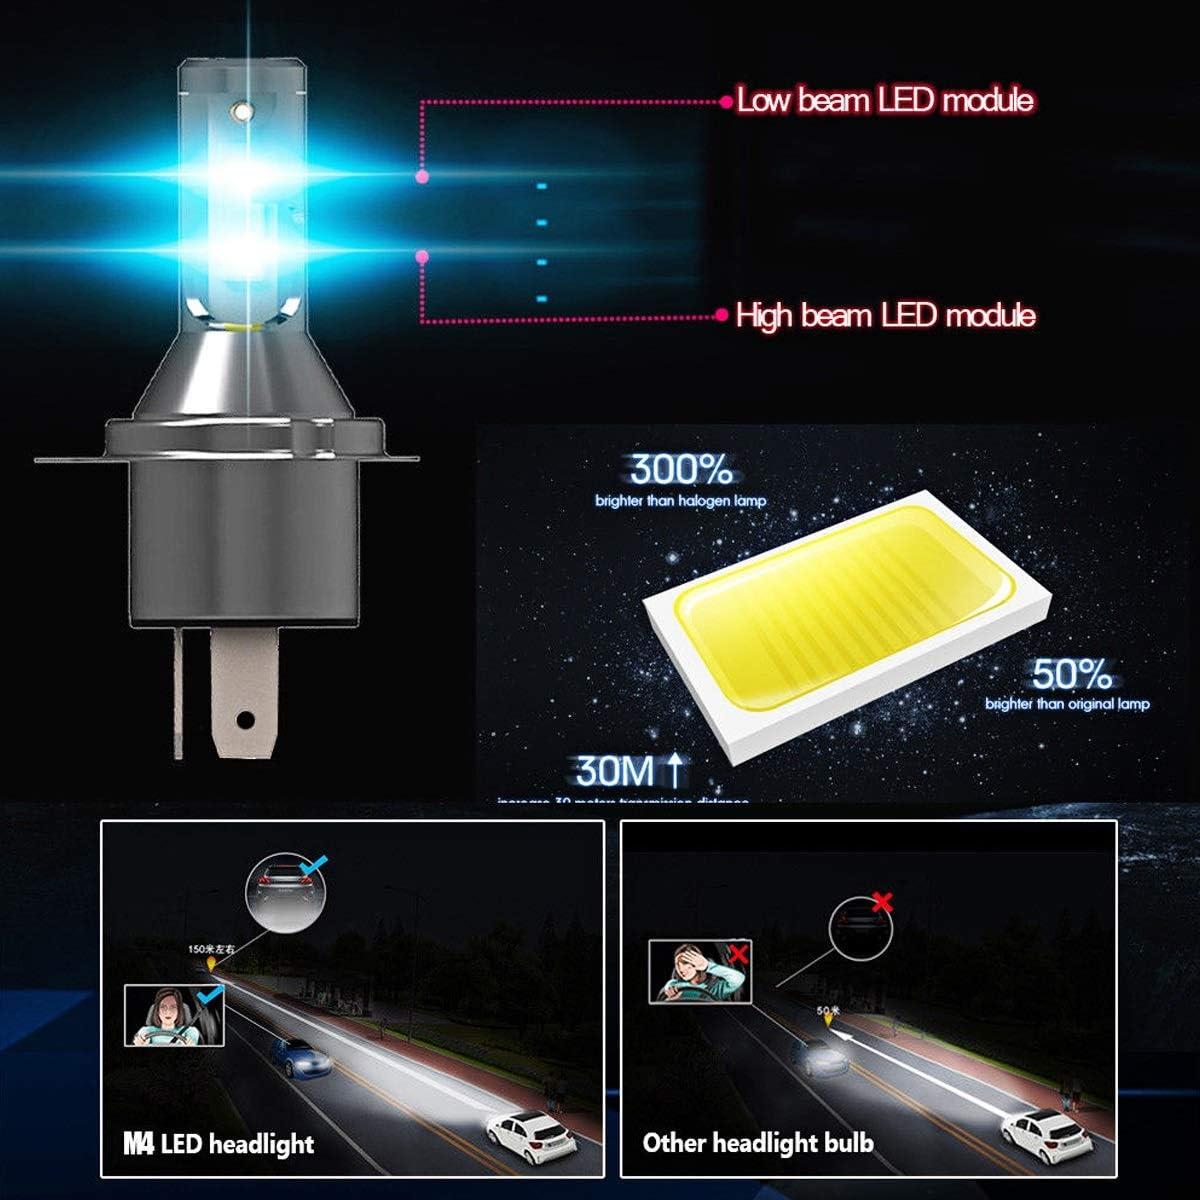 confezione da 2 220 W 6000 K Kit di conversione lampadine LED per fari auto Dibiao H4 32000 lm super luminose